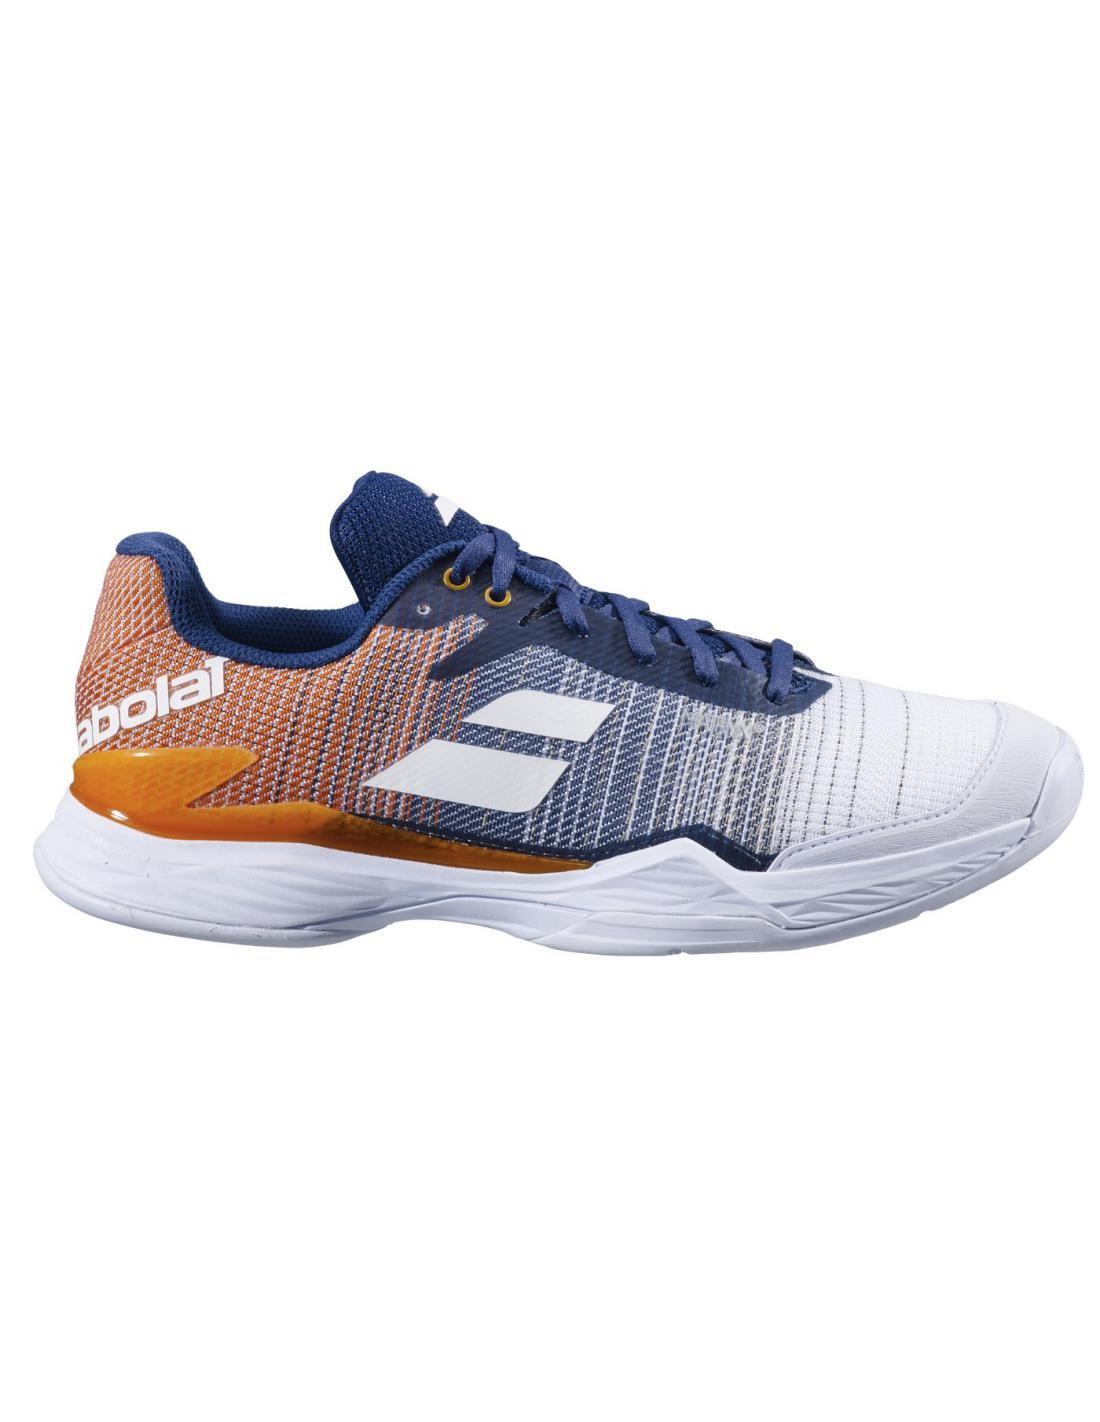 Buty tenisowe Babolat Jet Mach II Clay 2020